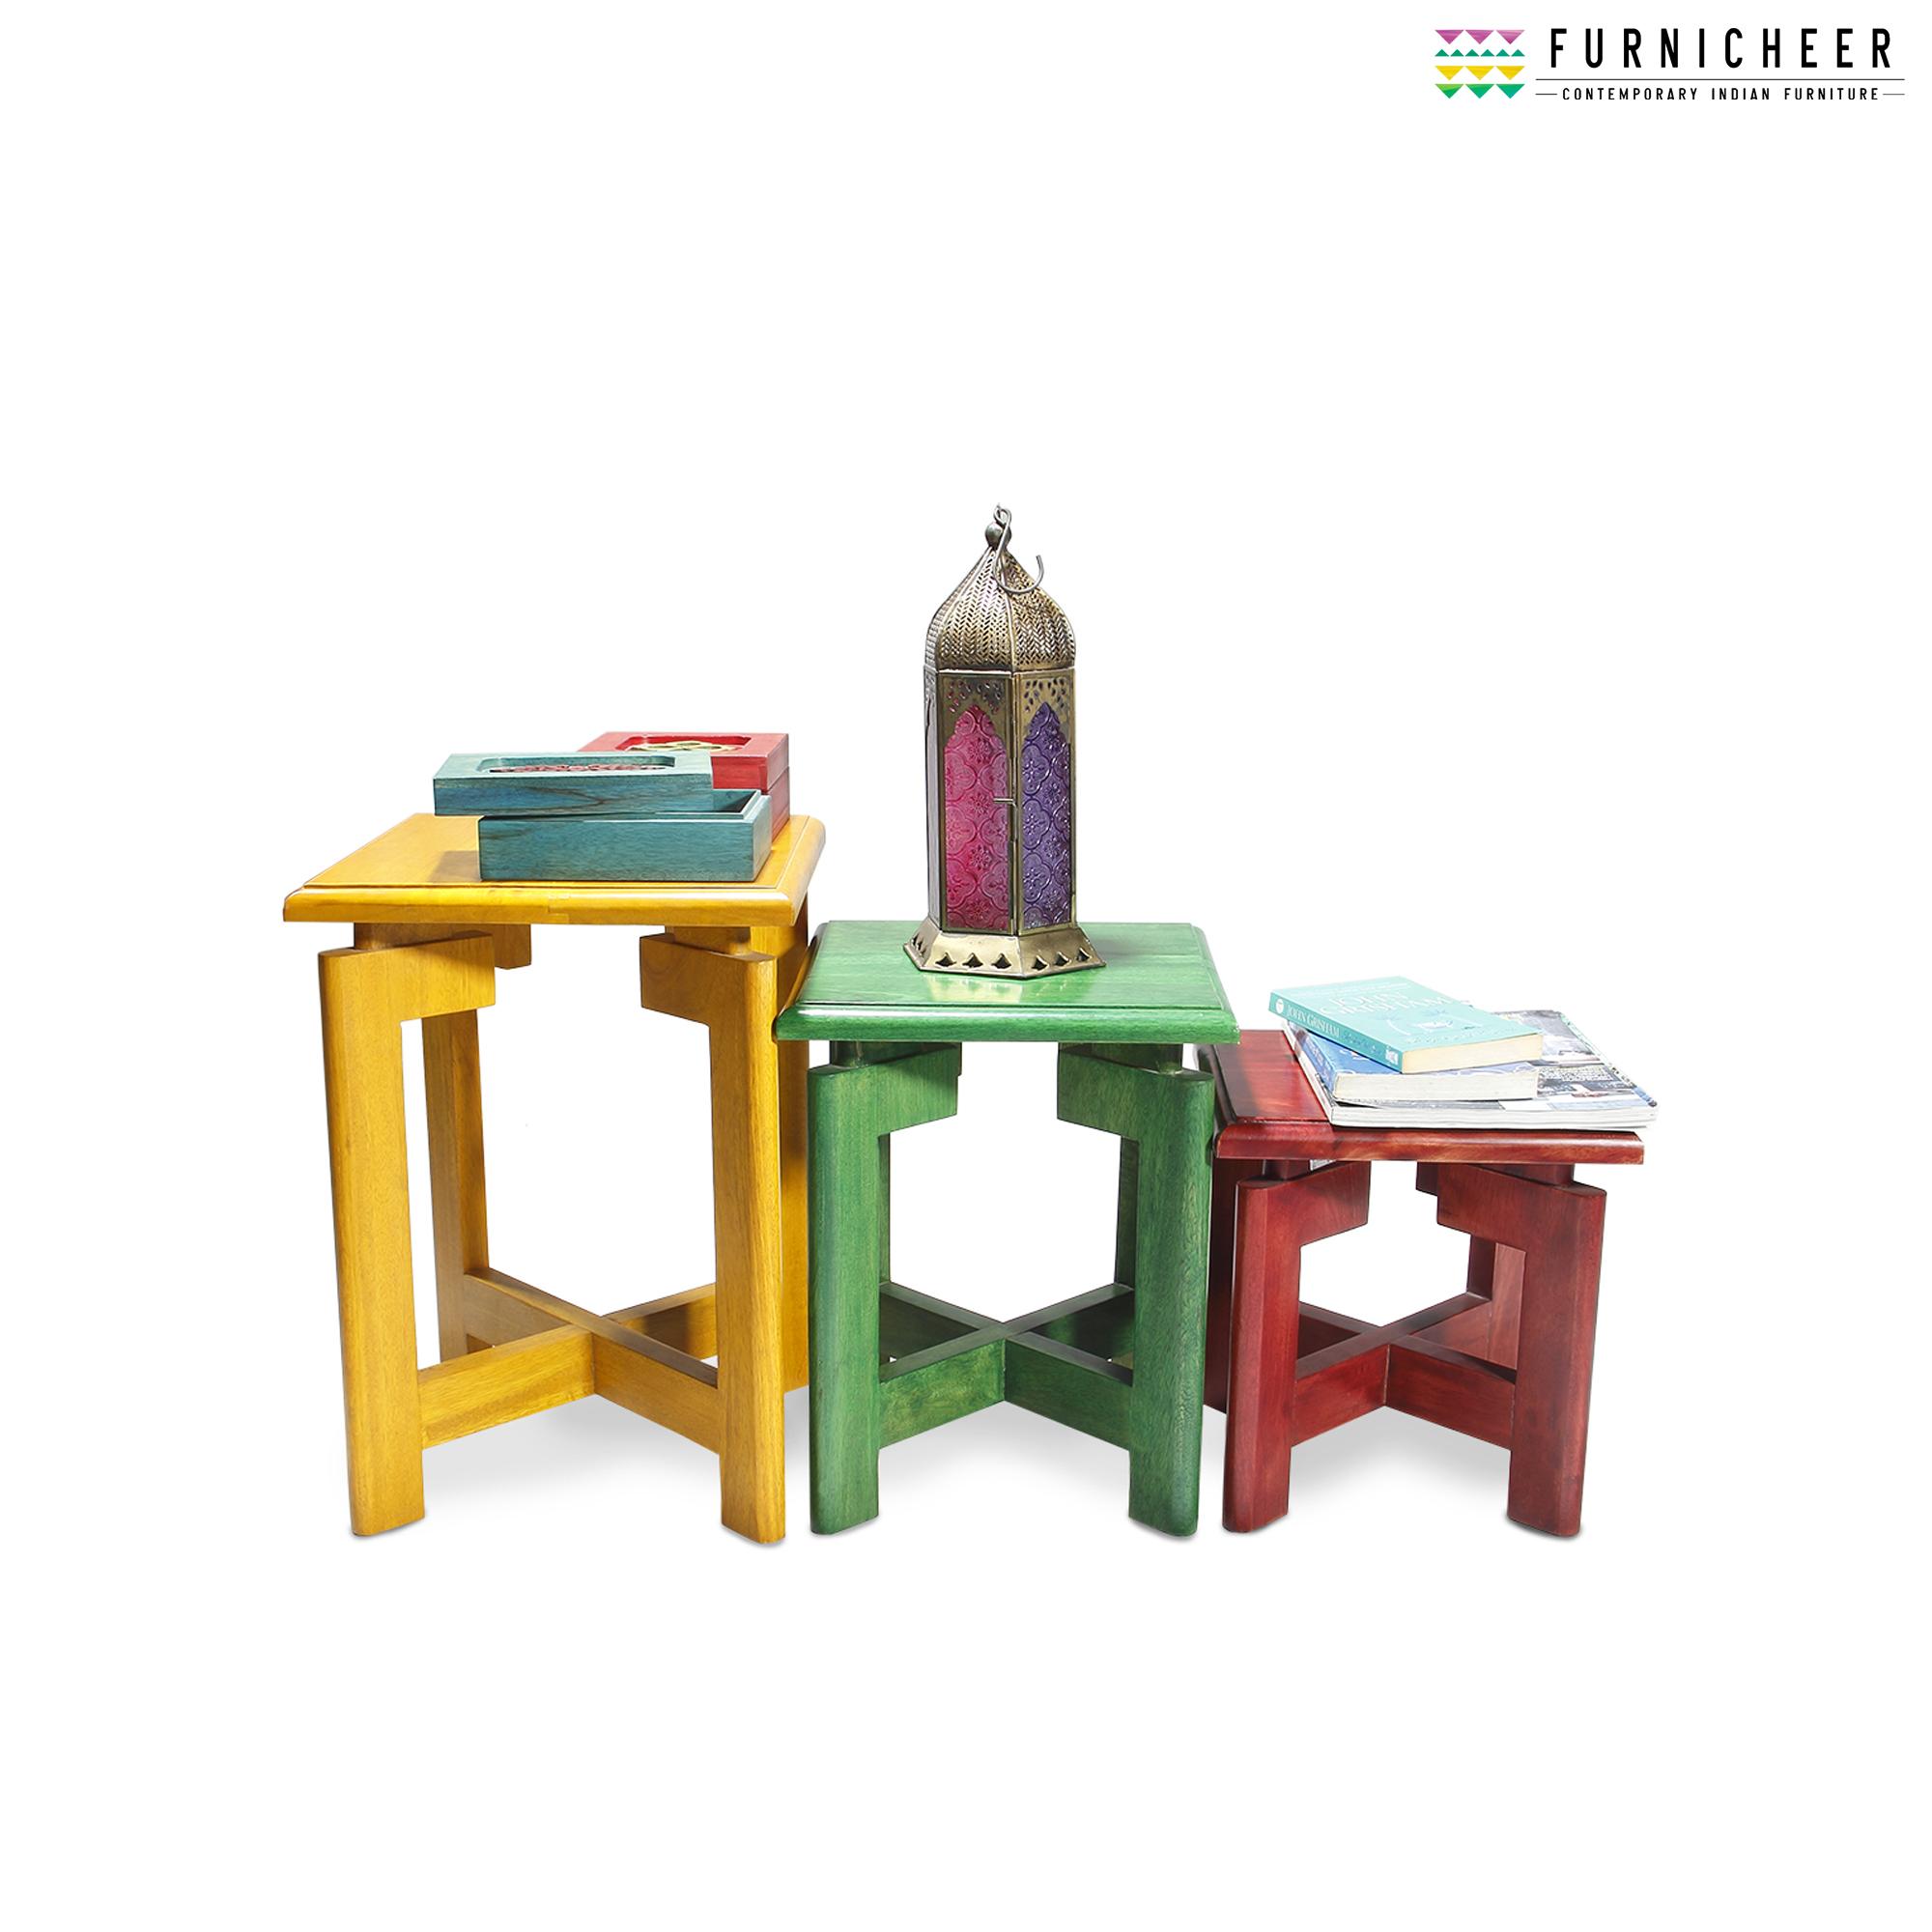 1.SIDE & END TABLE SKU TBST0001